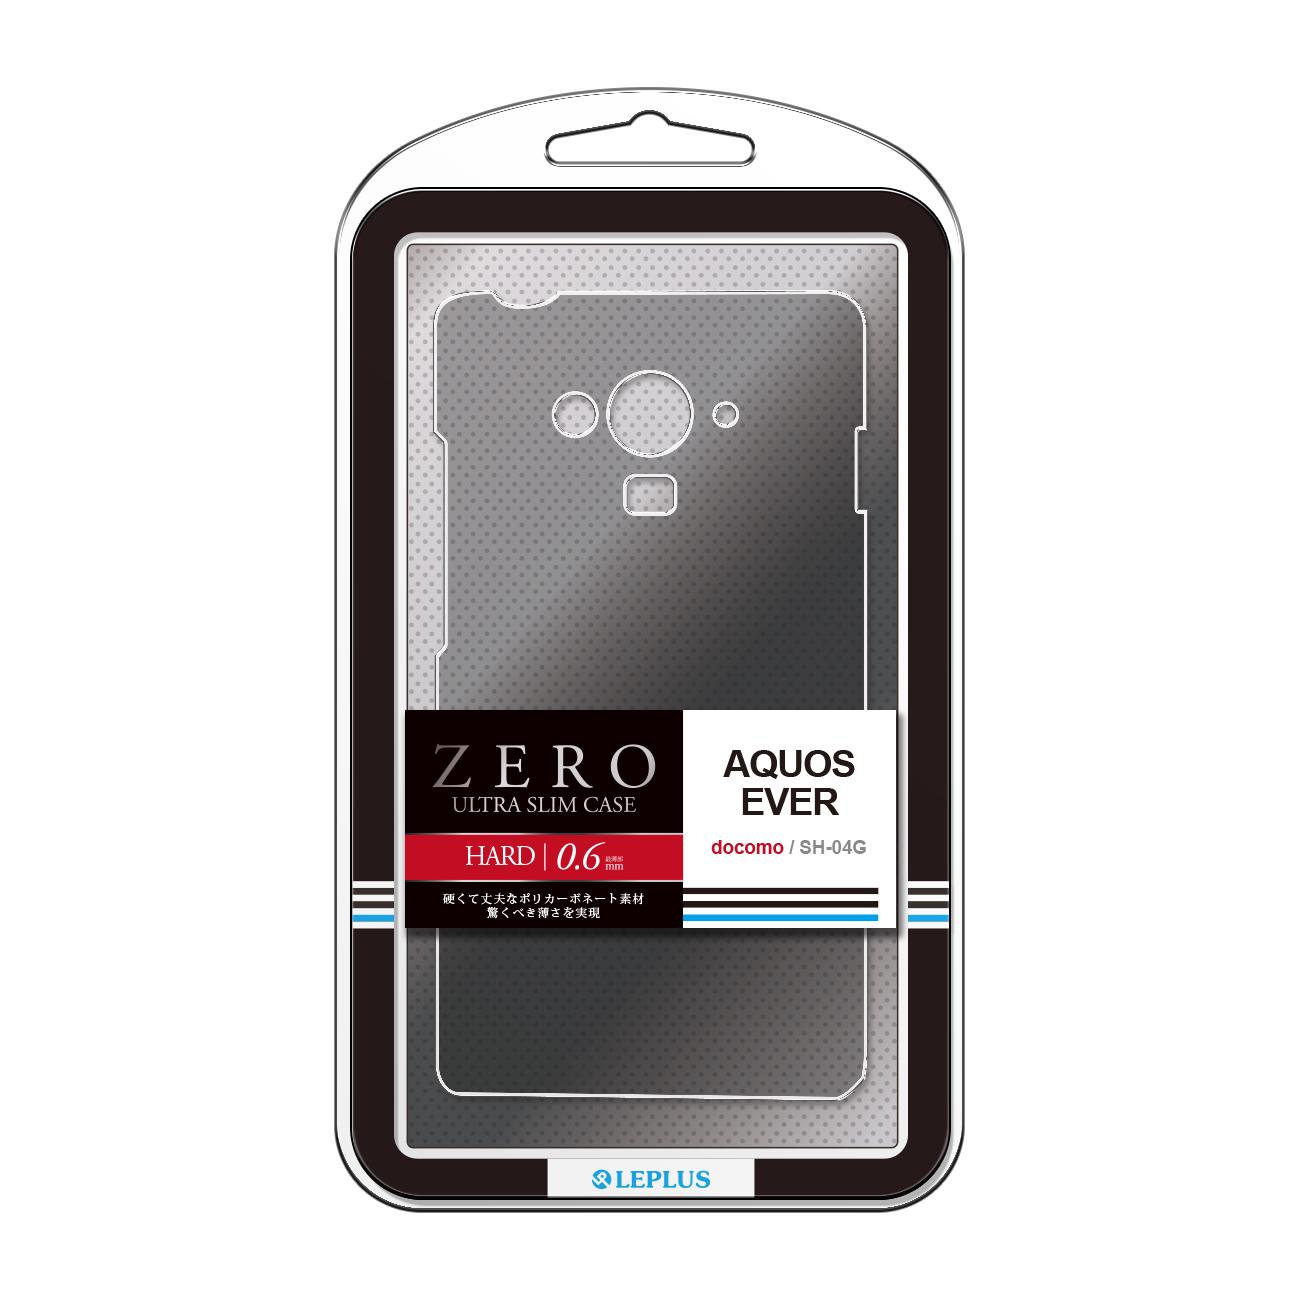 AQUOS EVER SH-04G 超極薄ハードケース「ZERO HARD」 クリアブラック